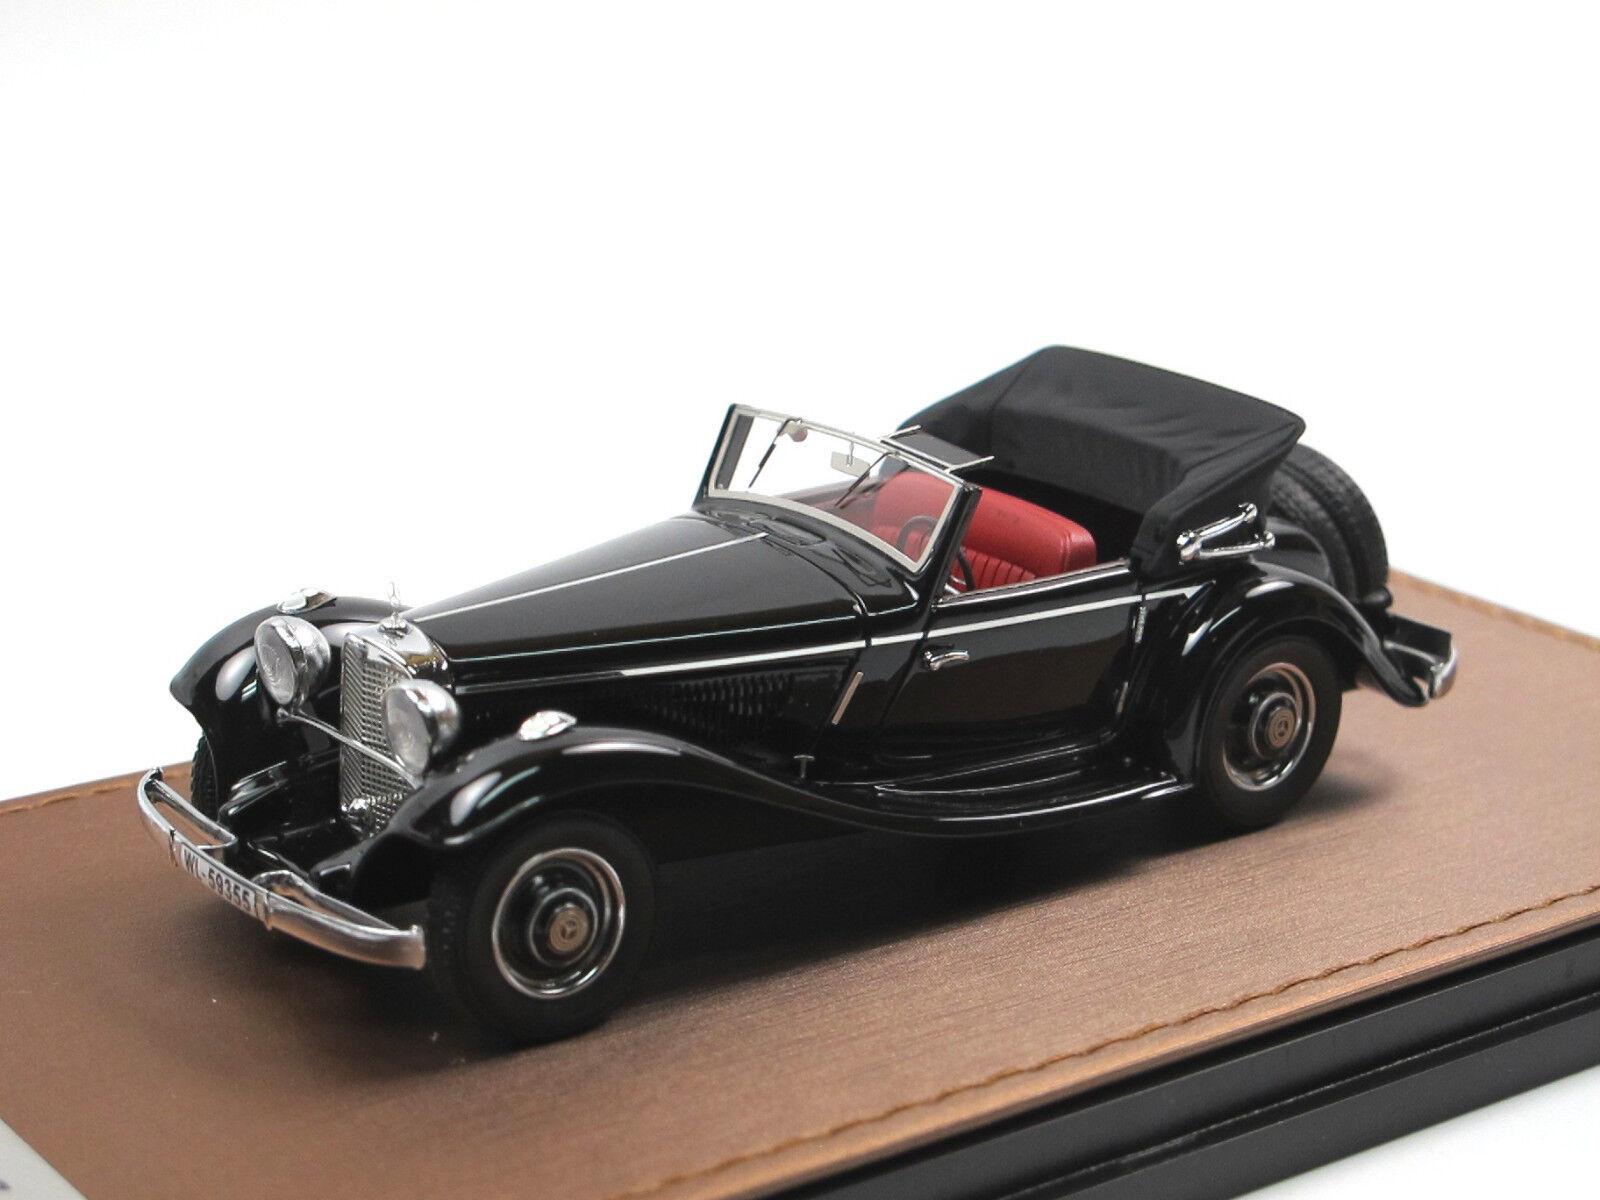 Bma 1936 mercedes - benz 290 cabriolet ein w (18) unsere schwarz - 1   43 limitiert 299